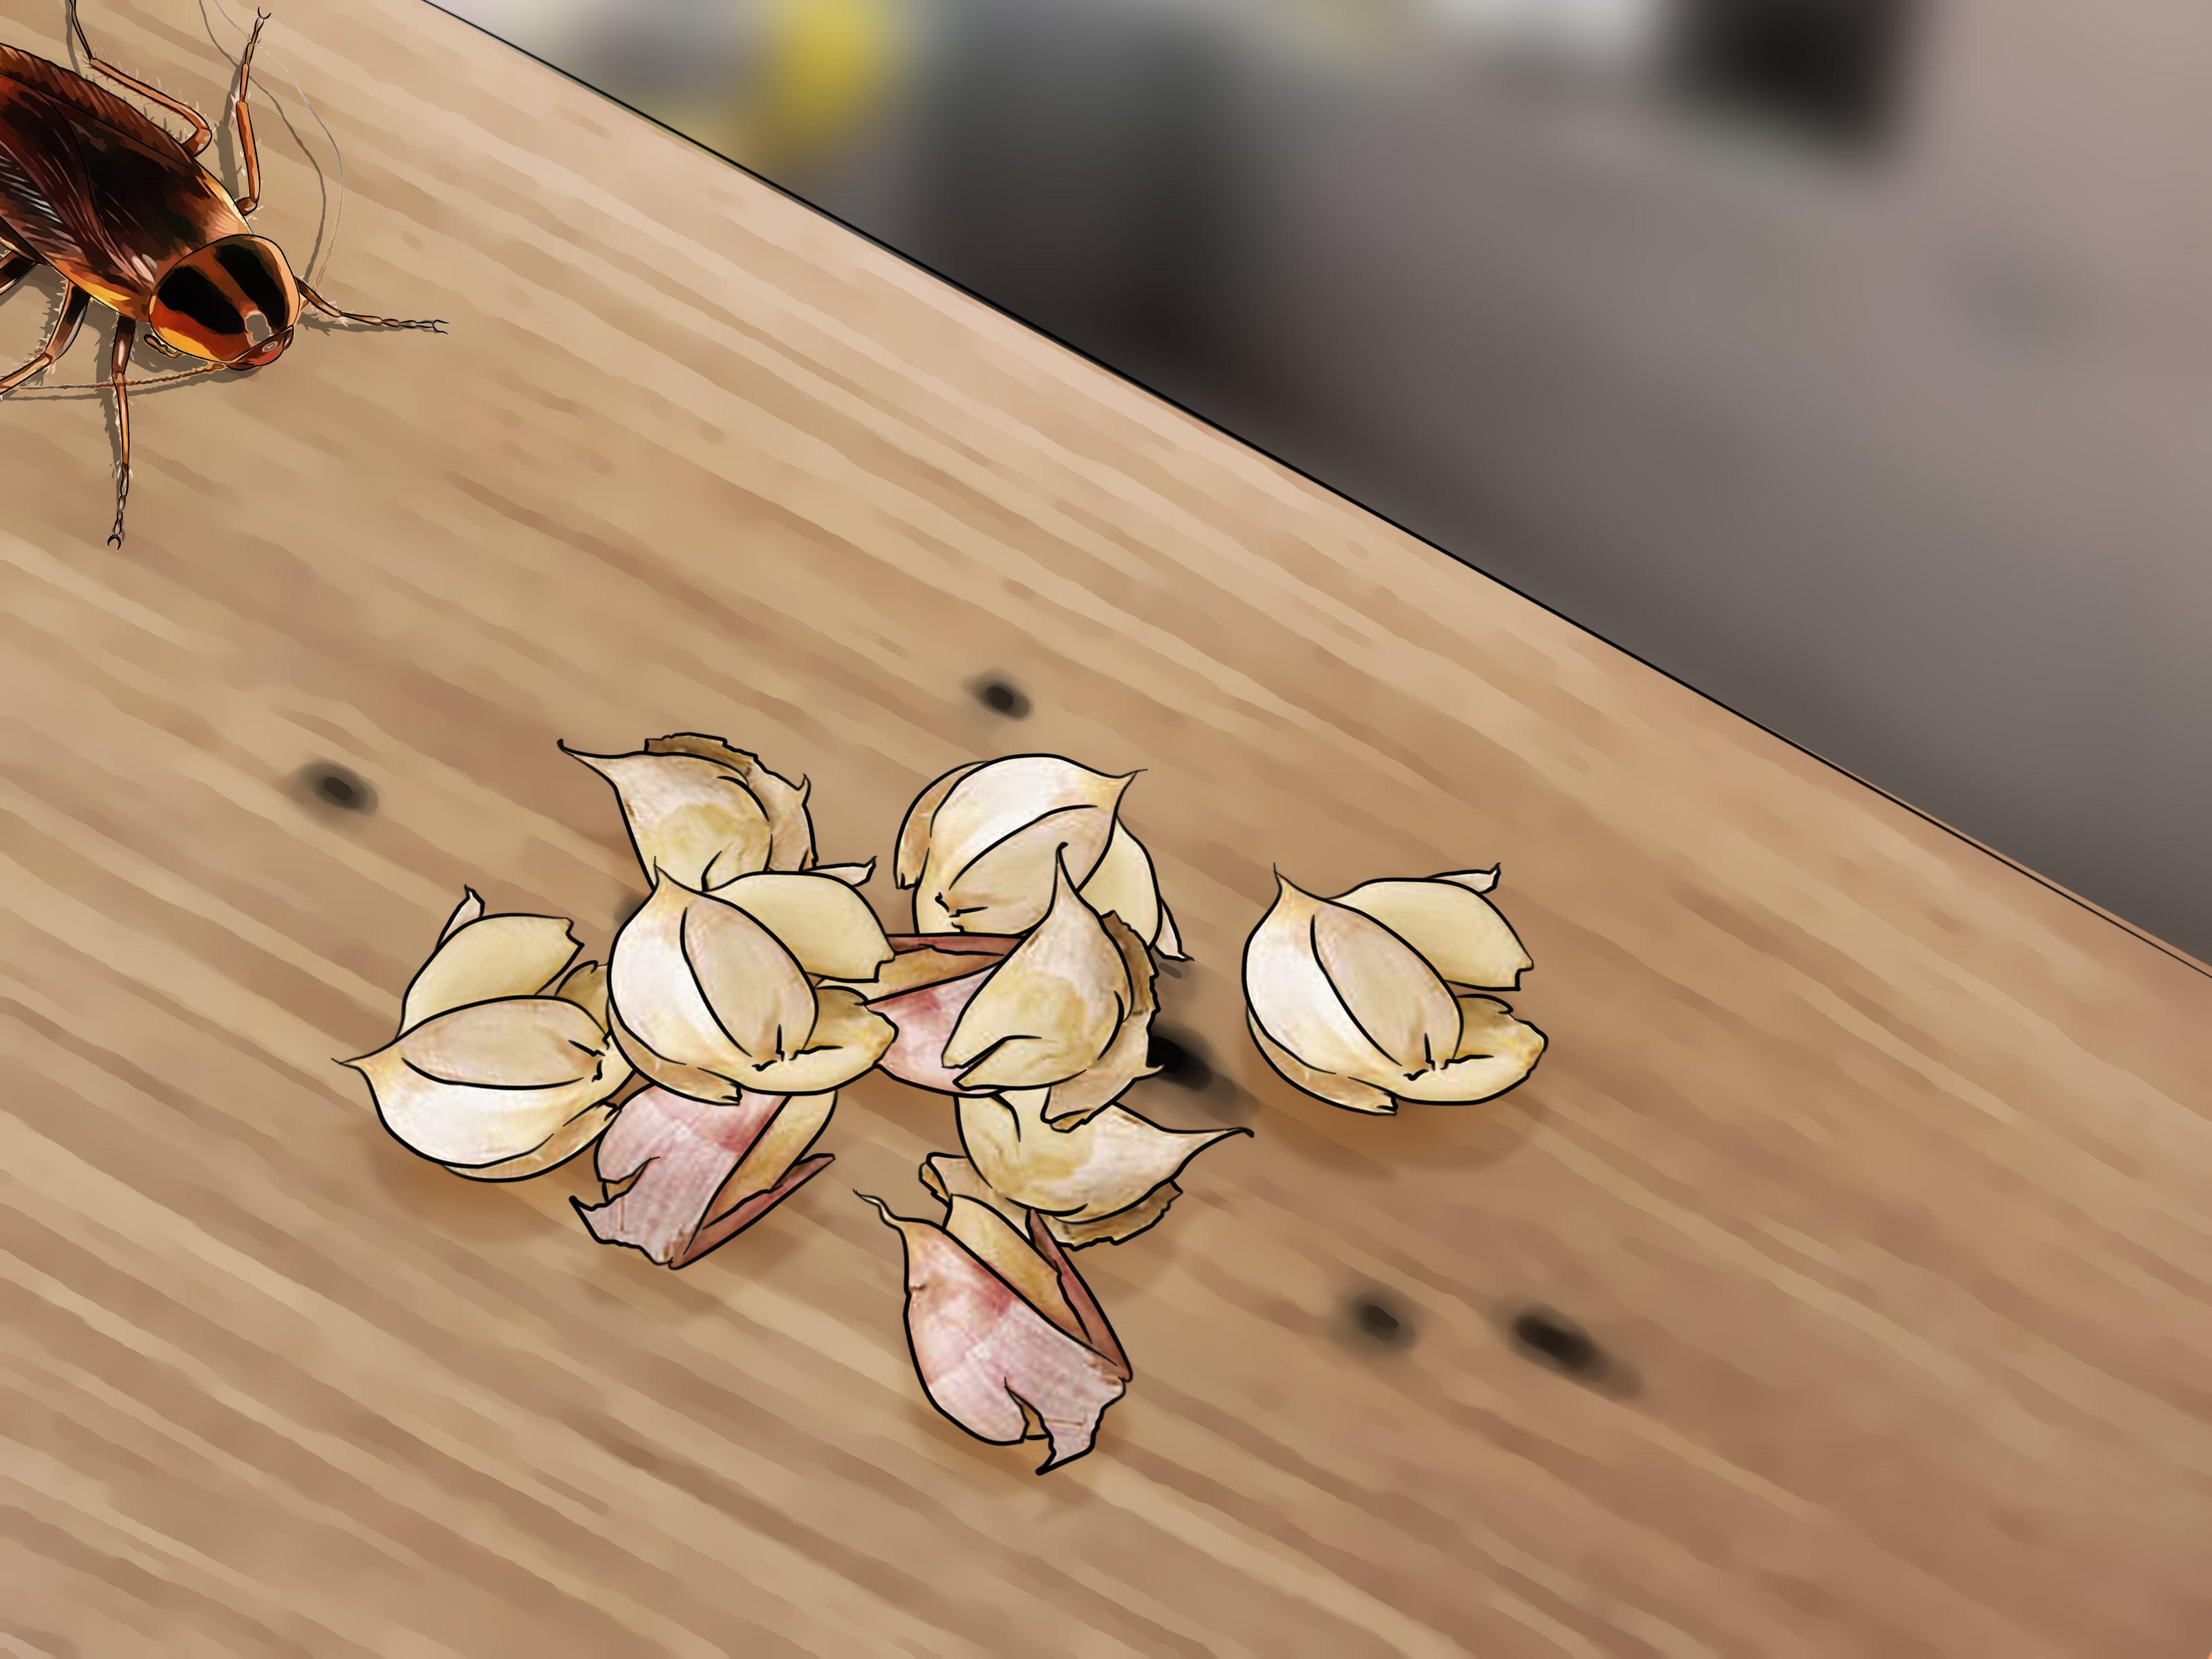 acide borique contre les cafards | acide borique contre les insectes